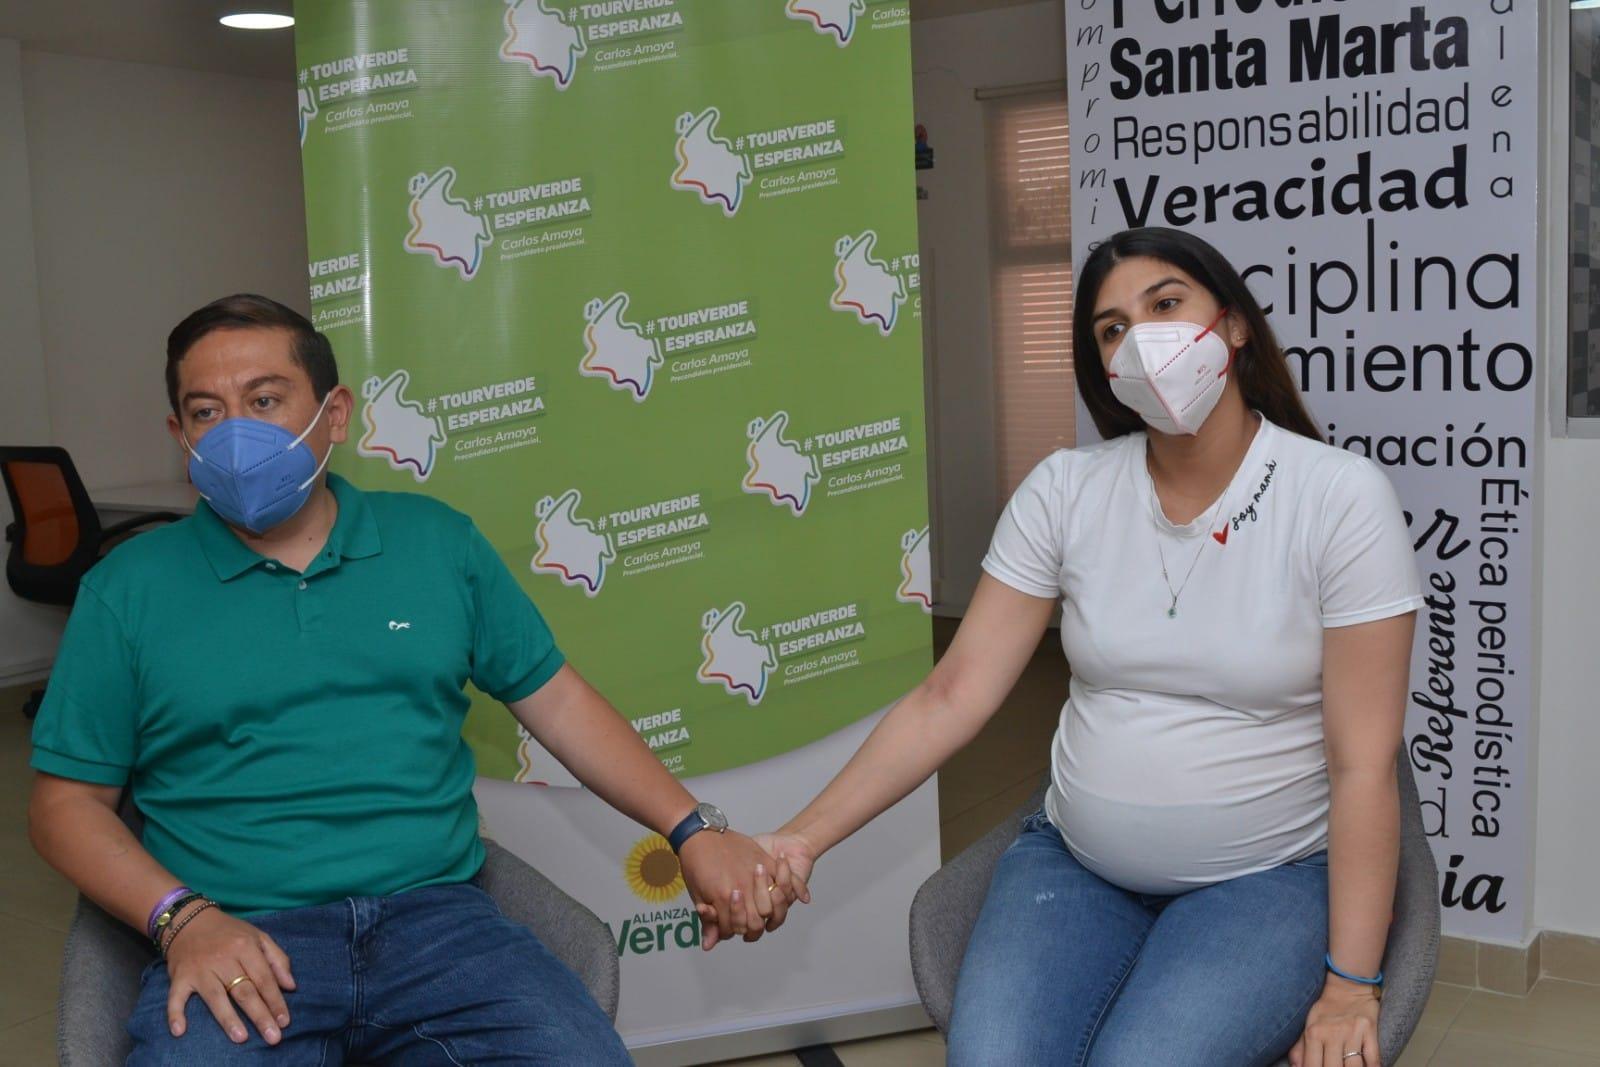 Carlos Amaya y su esposa en Seguimiento.co